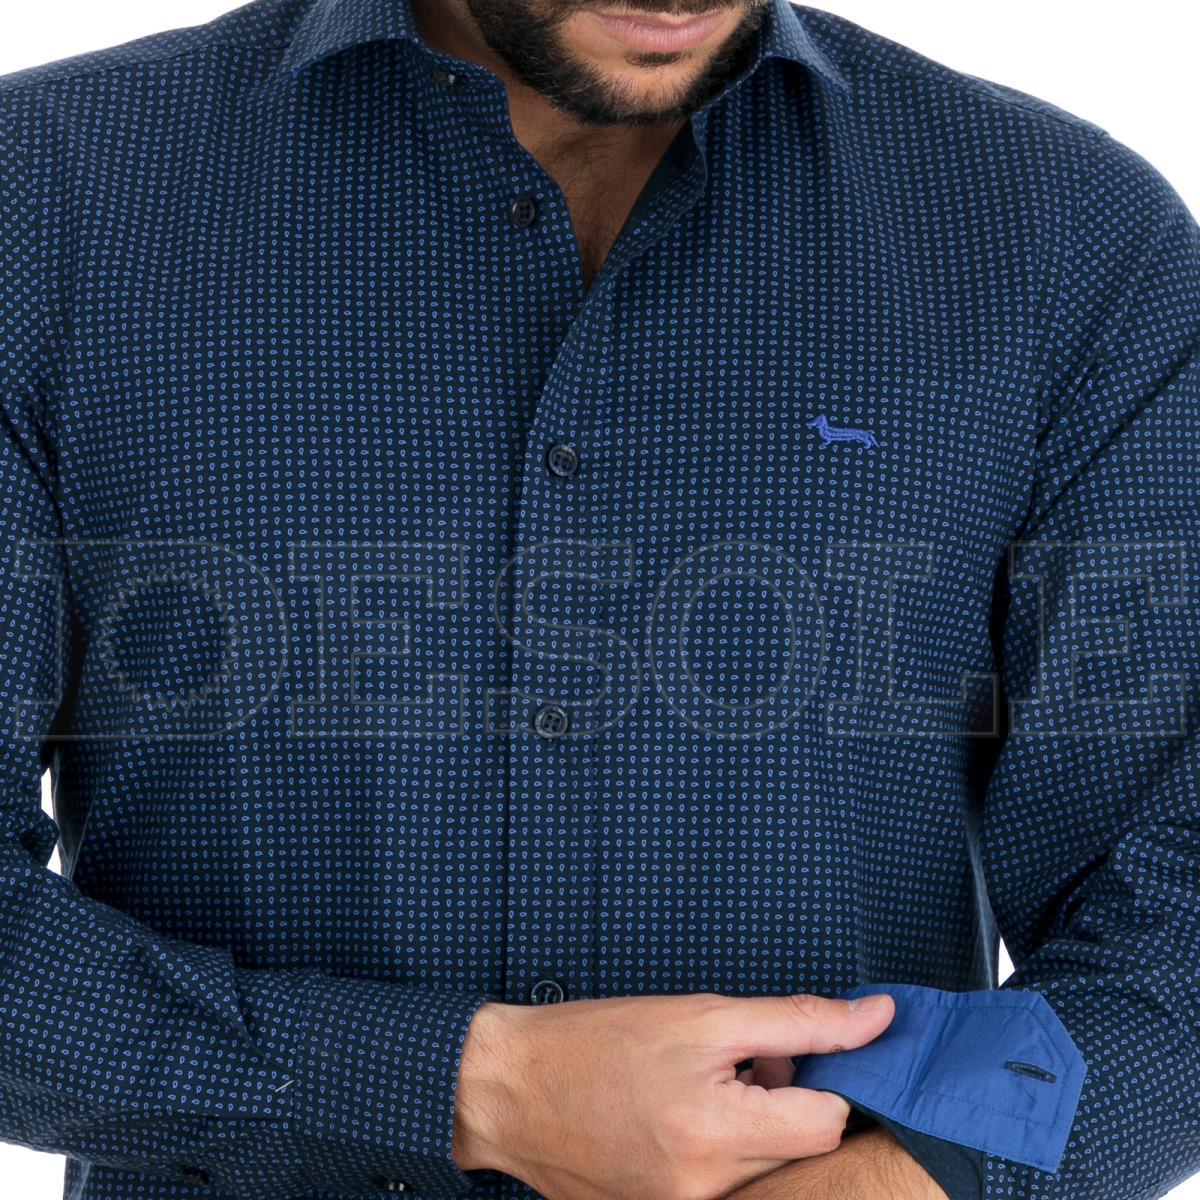 prezzo competitivo 8865e 35276 Harmont & Blaine Camicia cnc011001532i | Desole Shop Online